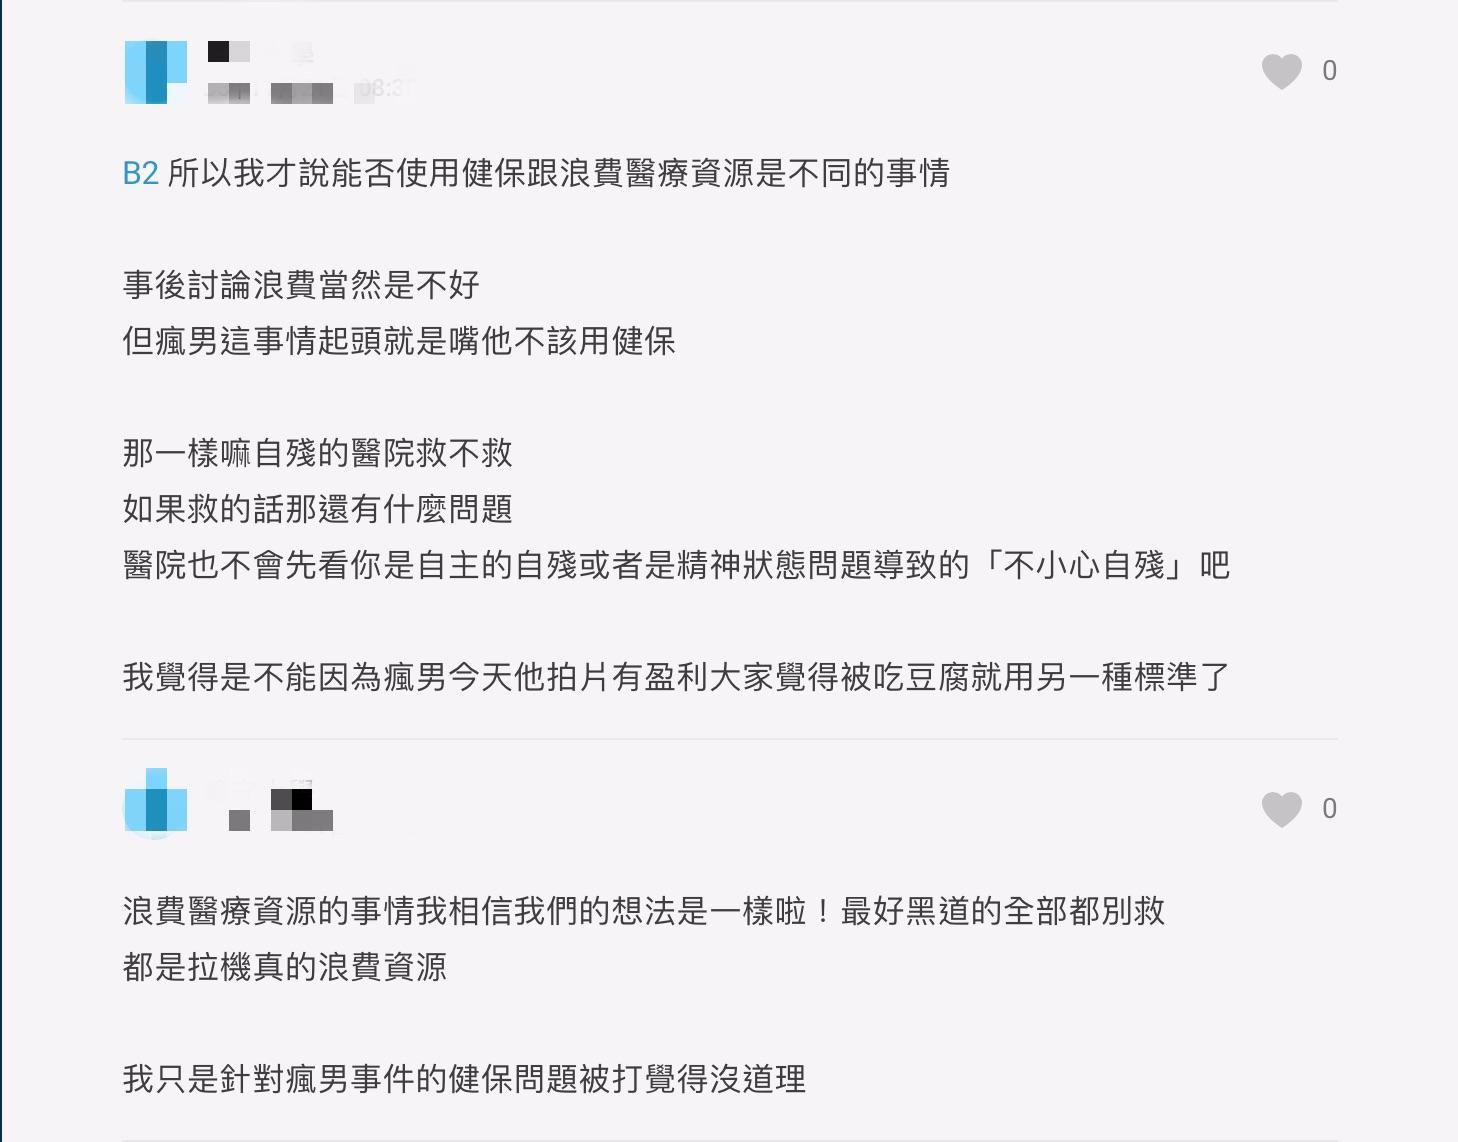 自殘搏眼球?Dcard網友評論兩極 瘋男Nick拍片回應:沒有故意傷害自己